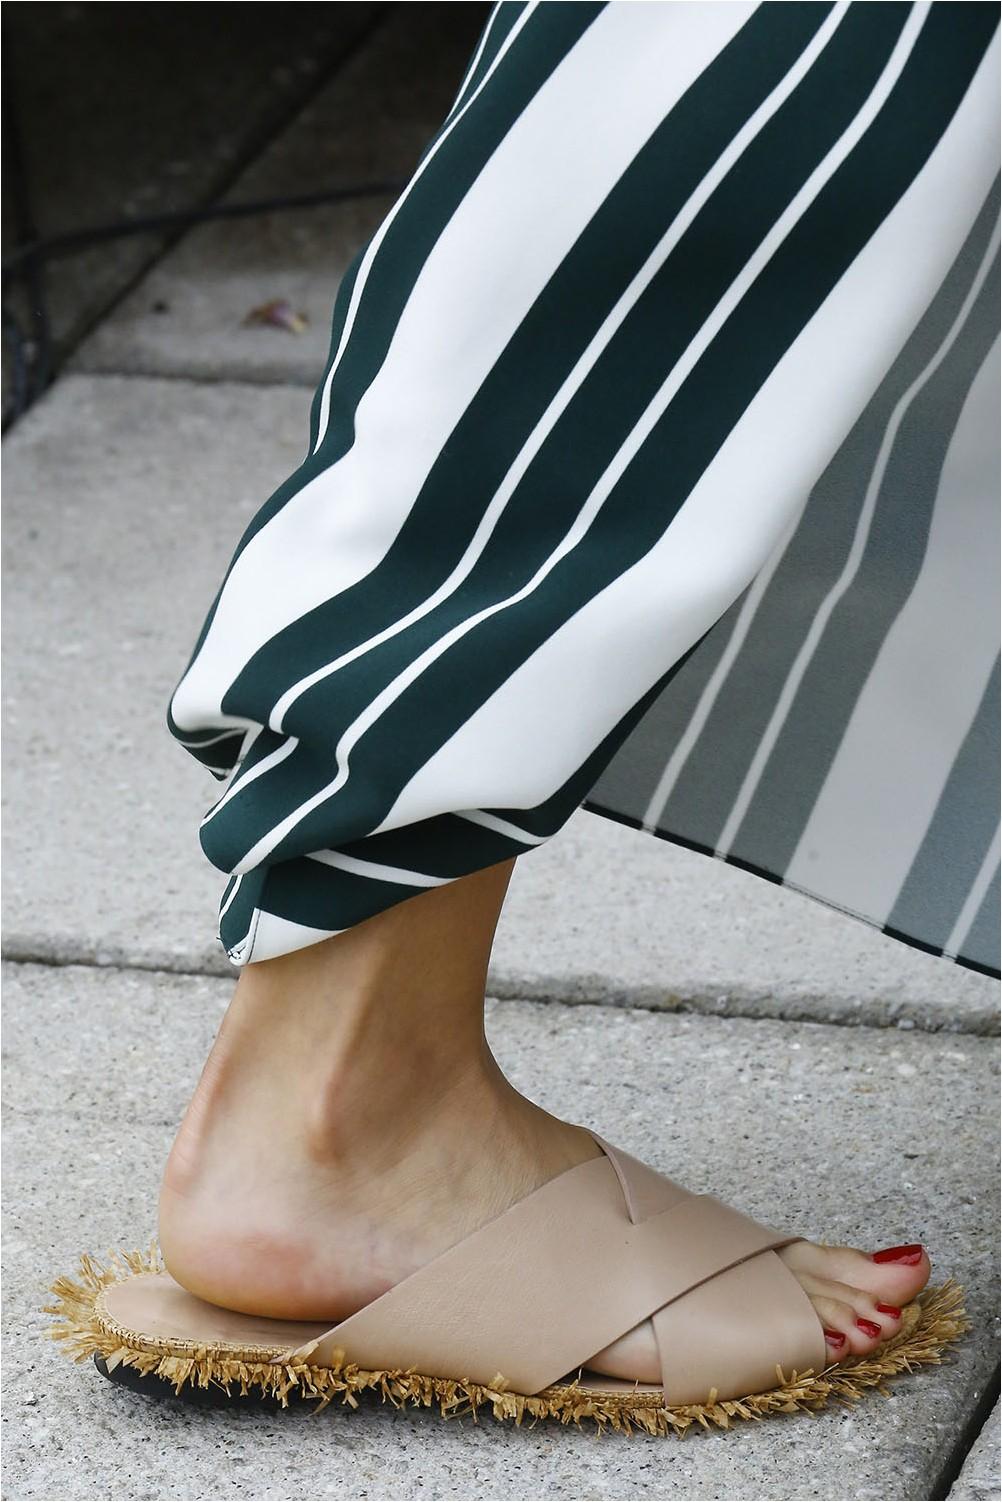 Oscar de la Renta Flat Shoes